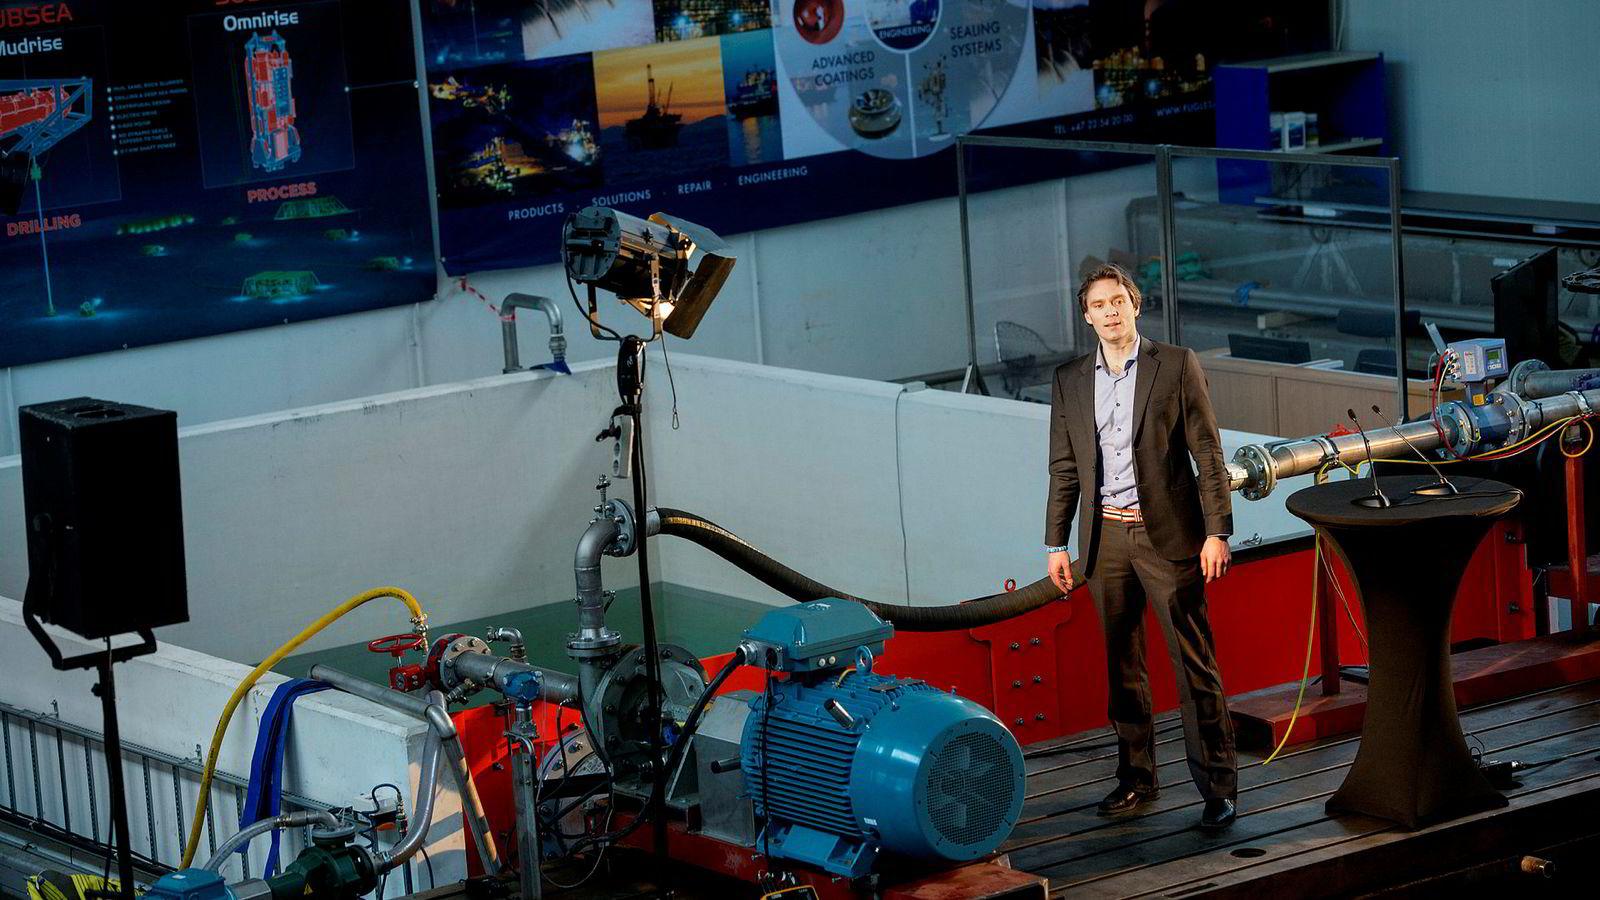 For Fuglesangs Subsea var oljekrisen langt på vei en mulighet til å komme inn i en etablert industri med nye løsninger. Her Aleksander Fuglesang.